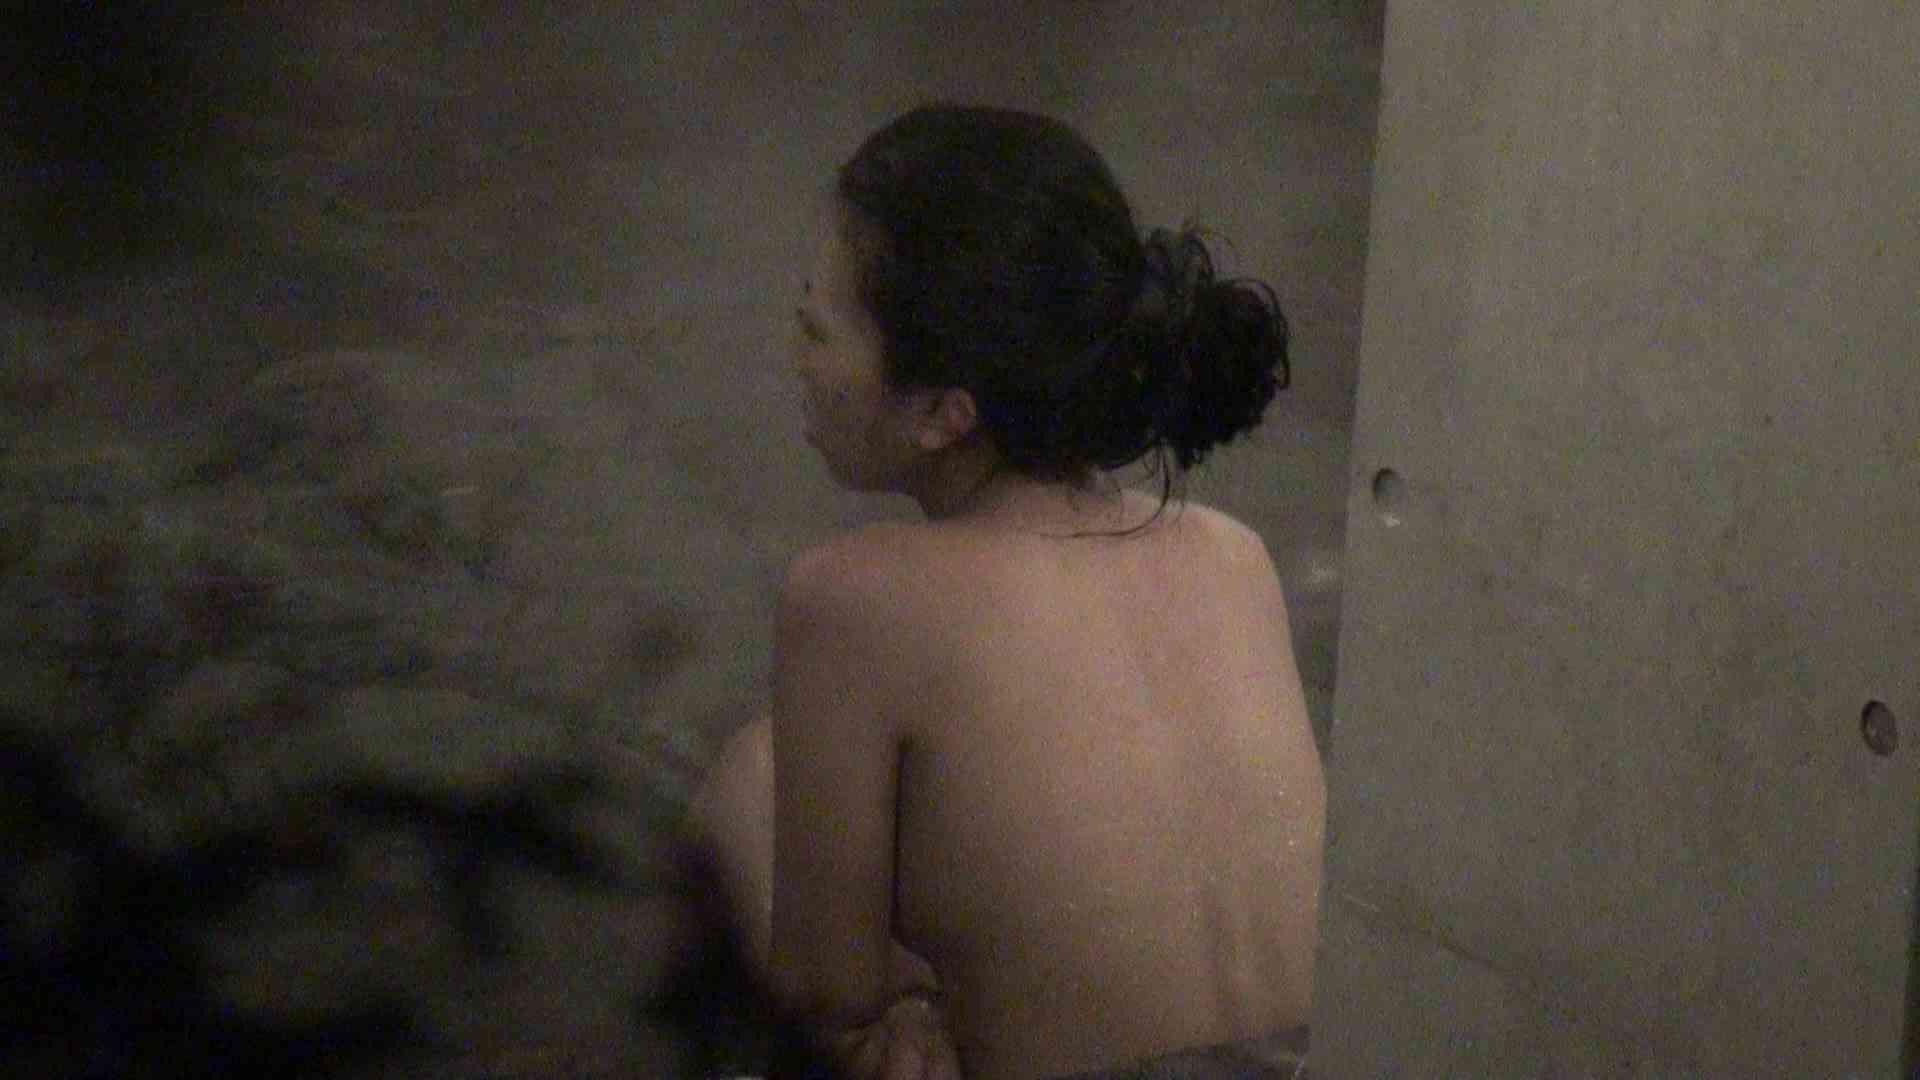 Aquaな露天風呂Vol.375 露天  78PICs 36